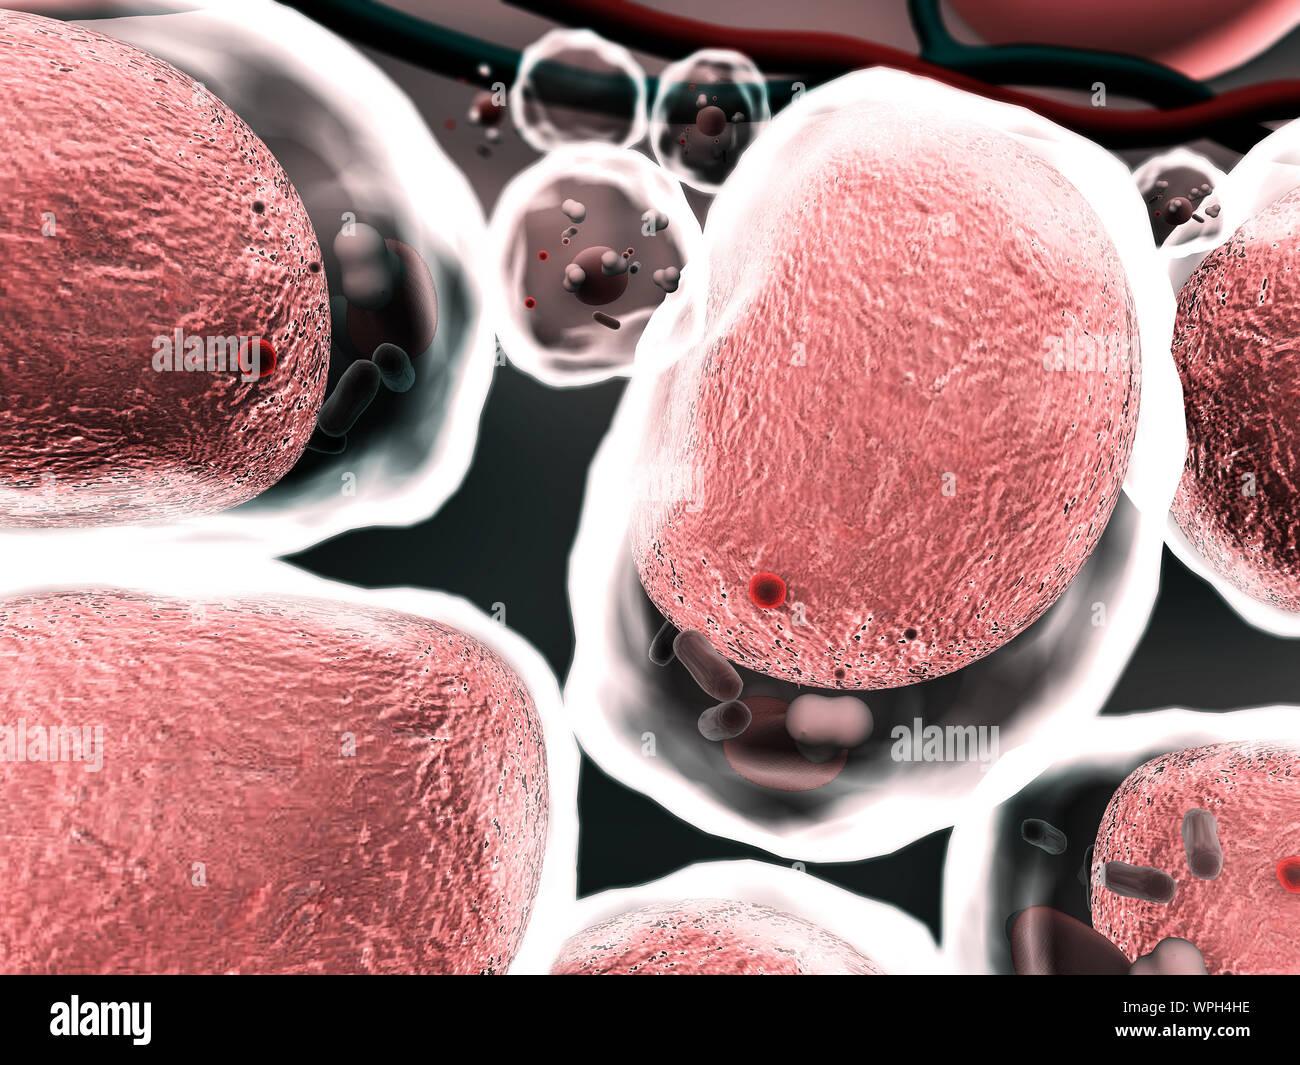 Grupo de células vivas en un microscopio de alta calidad 3D Render de celdas, campo de células, la estructura de la molécula, la estructura celular, la división de hu Foto de stock